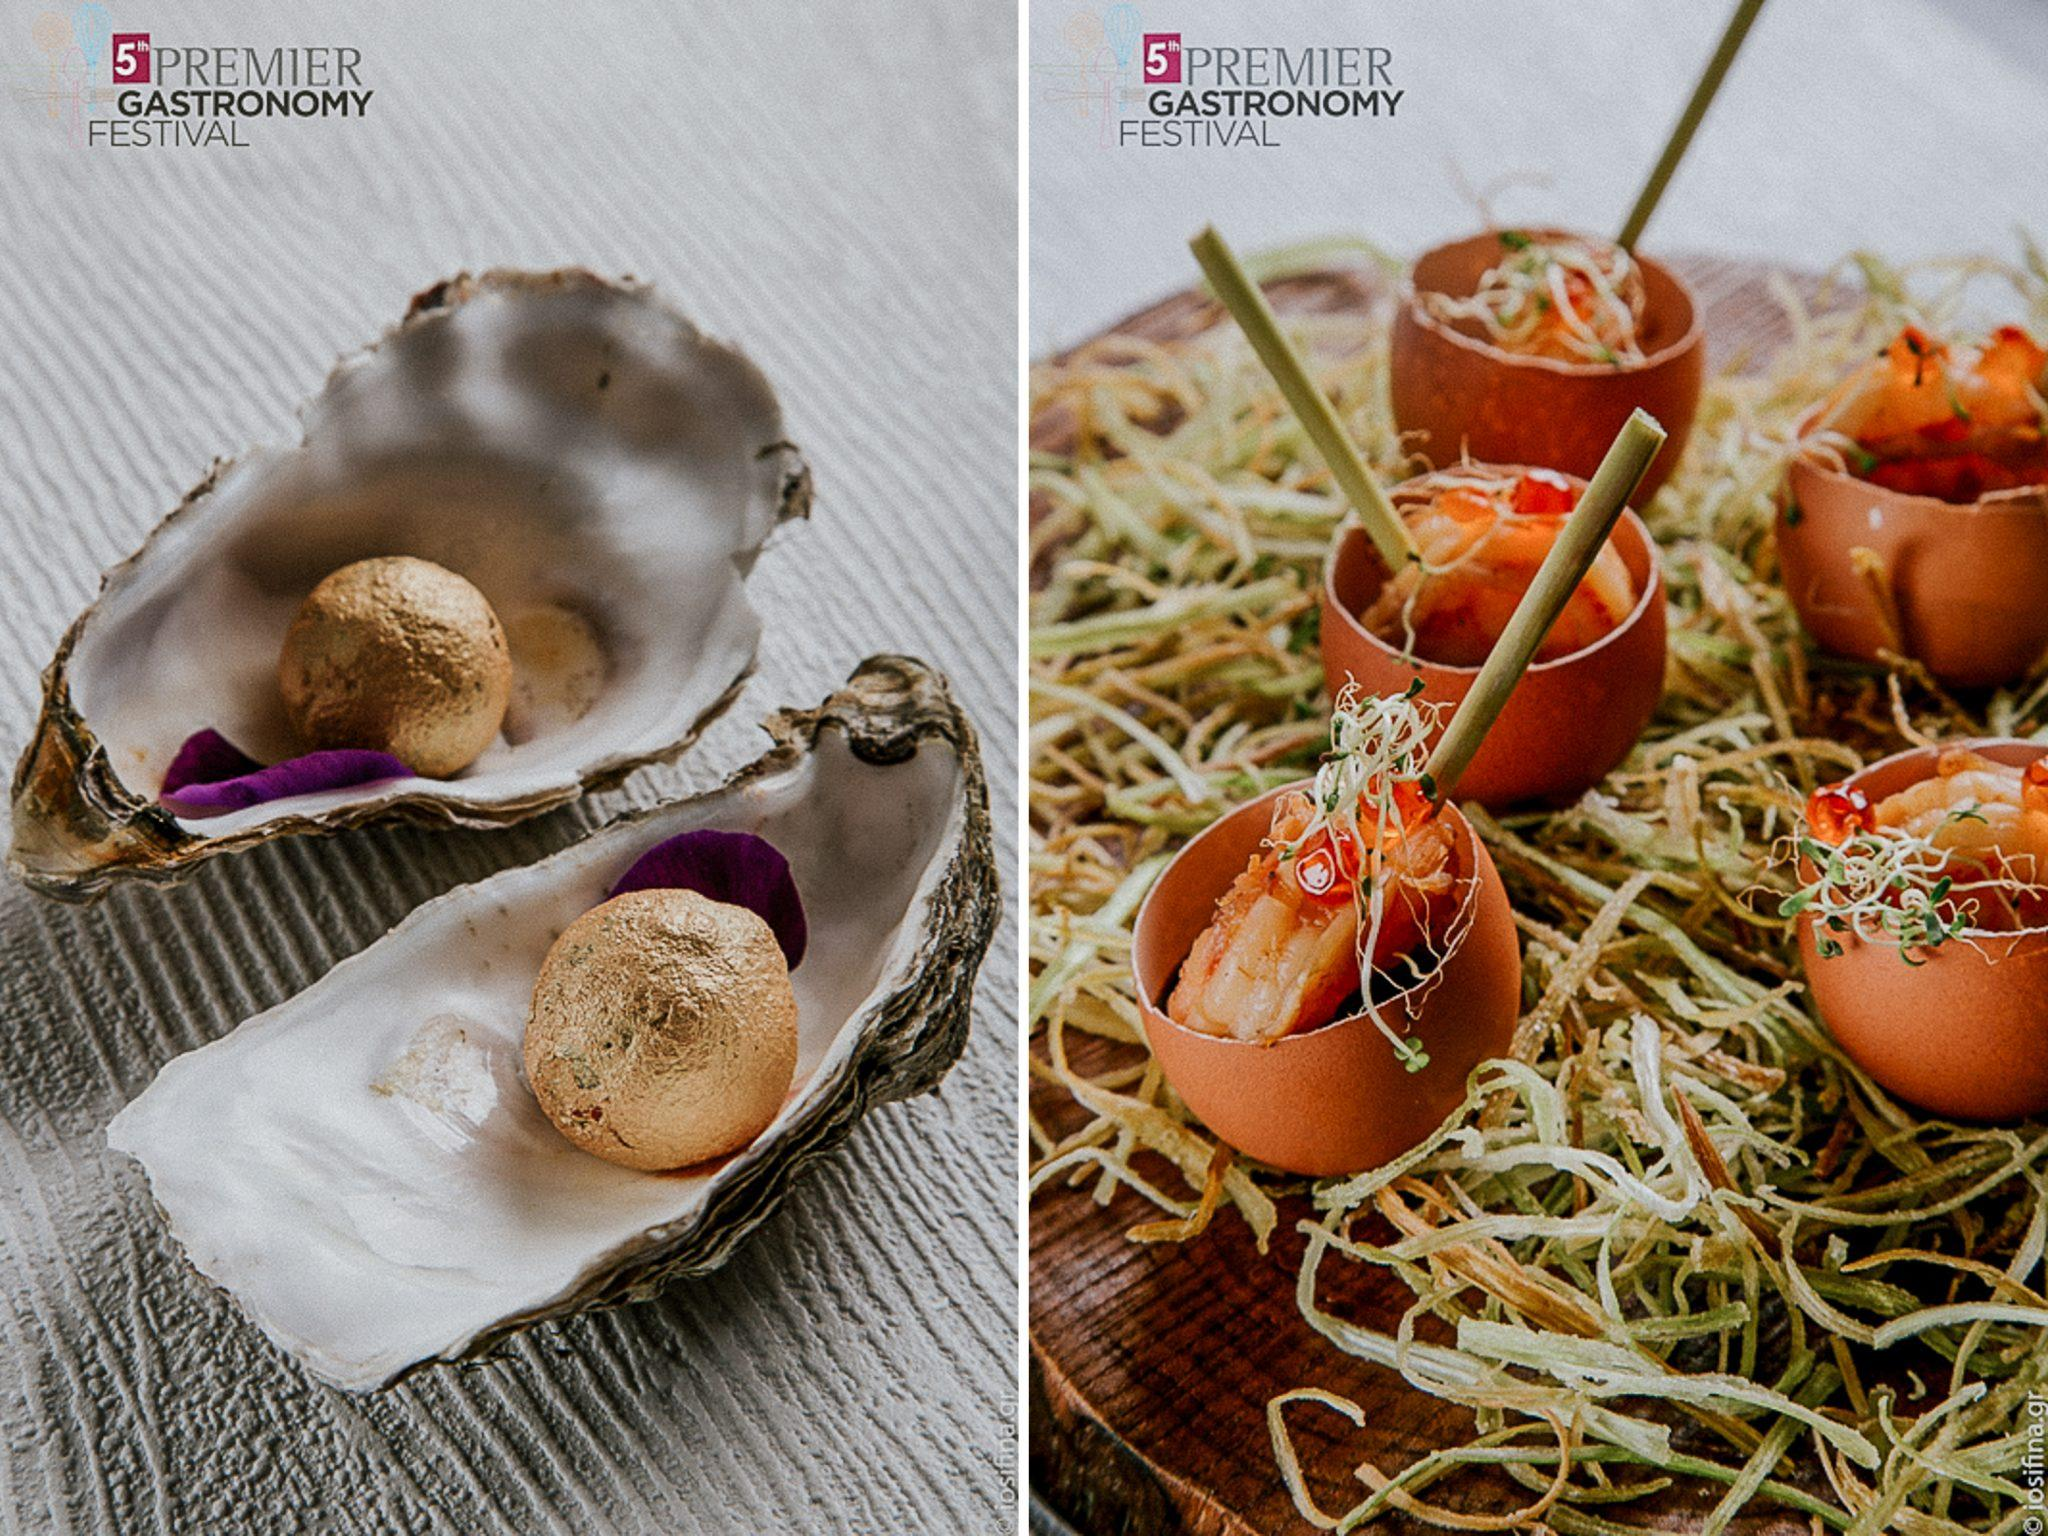 Premier gastronomy festival